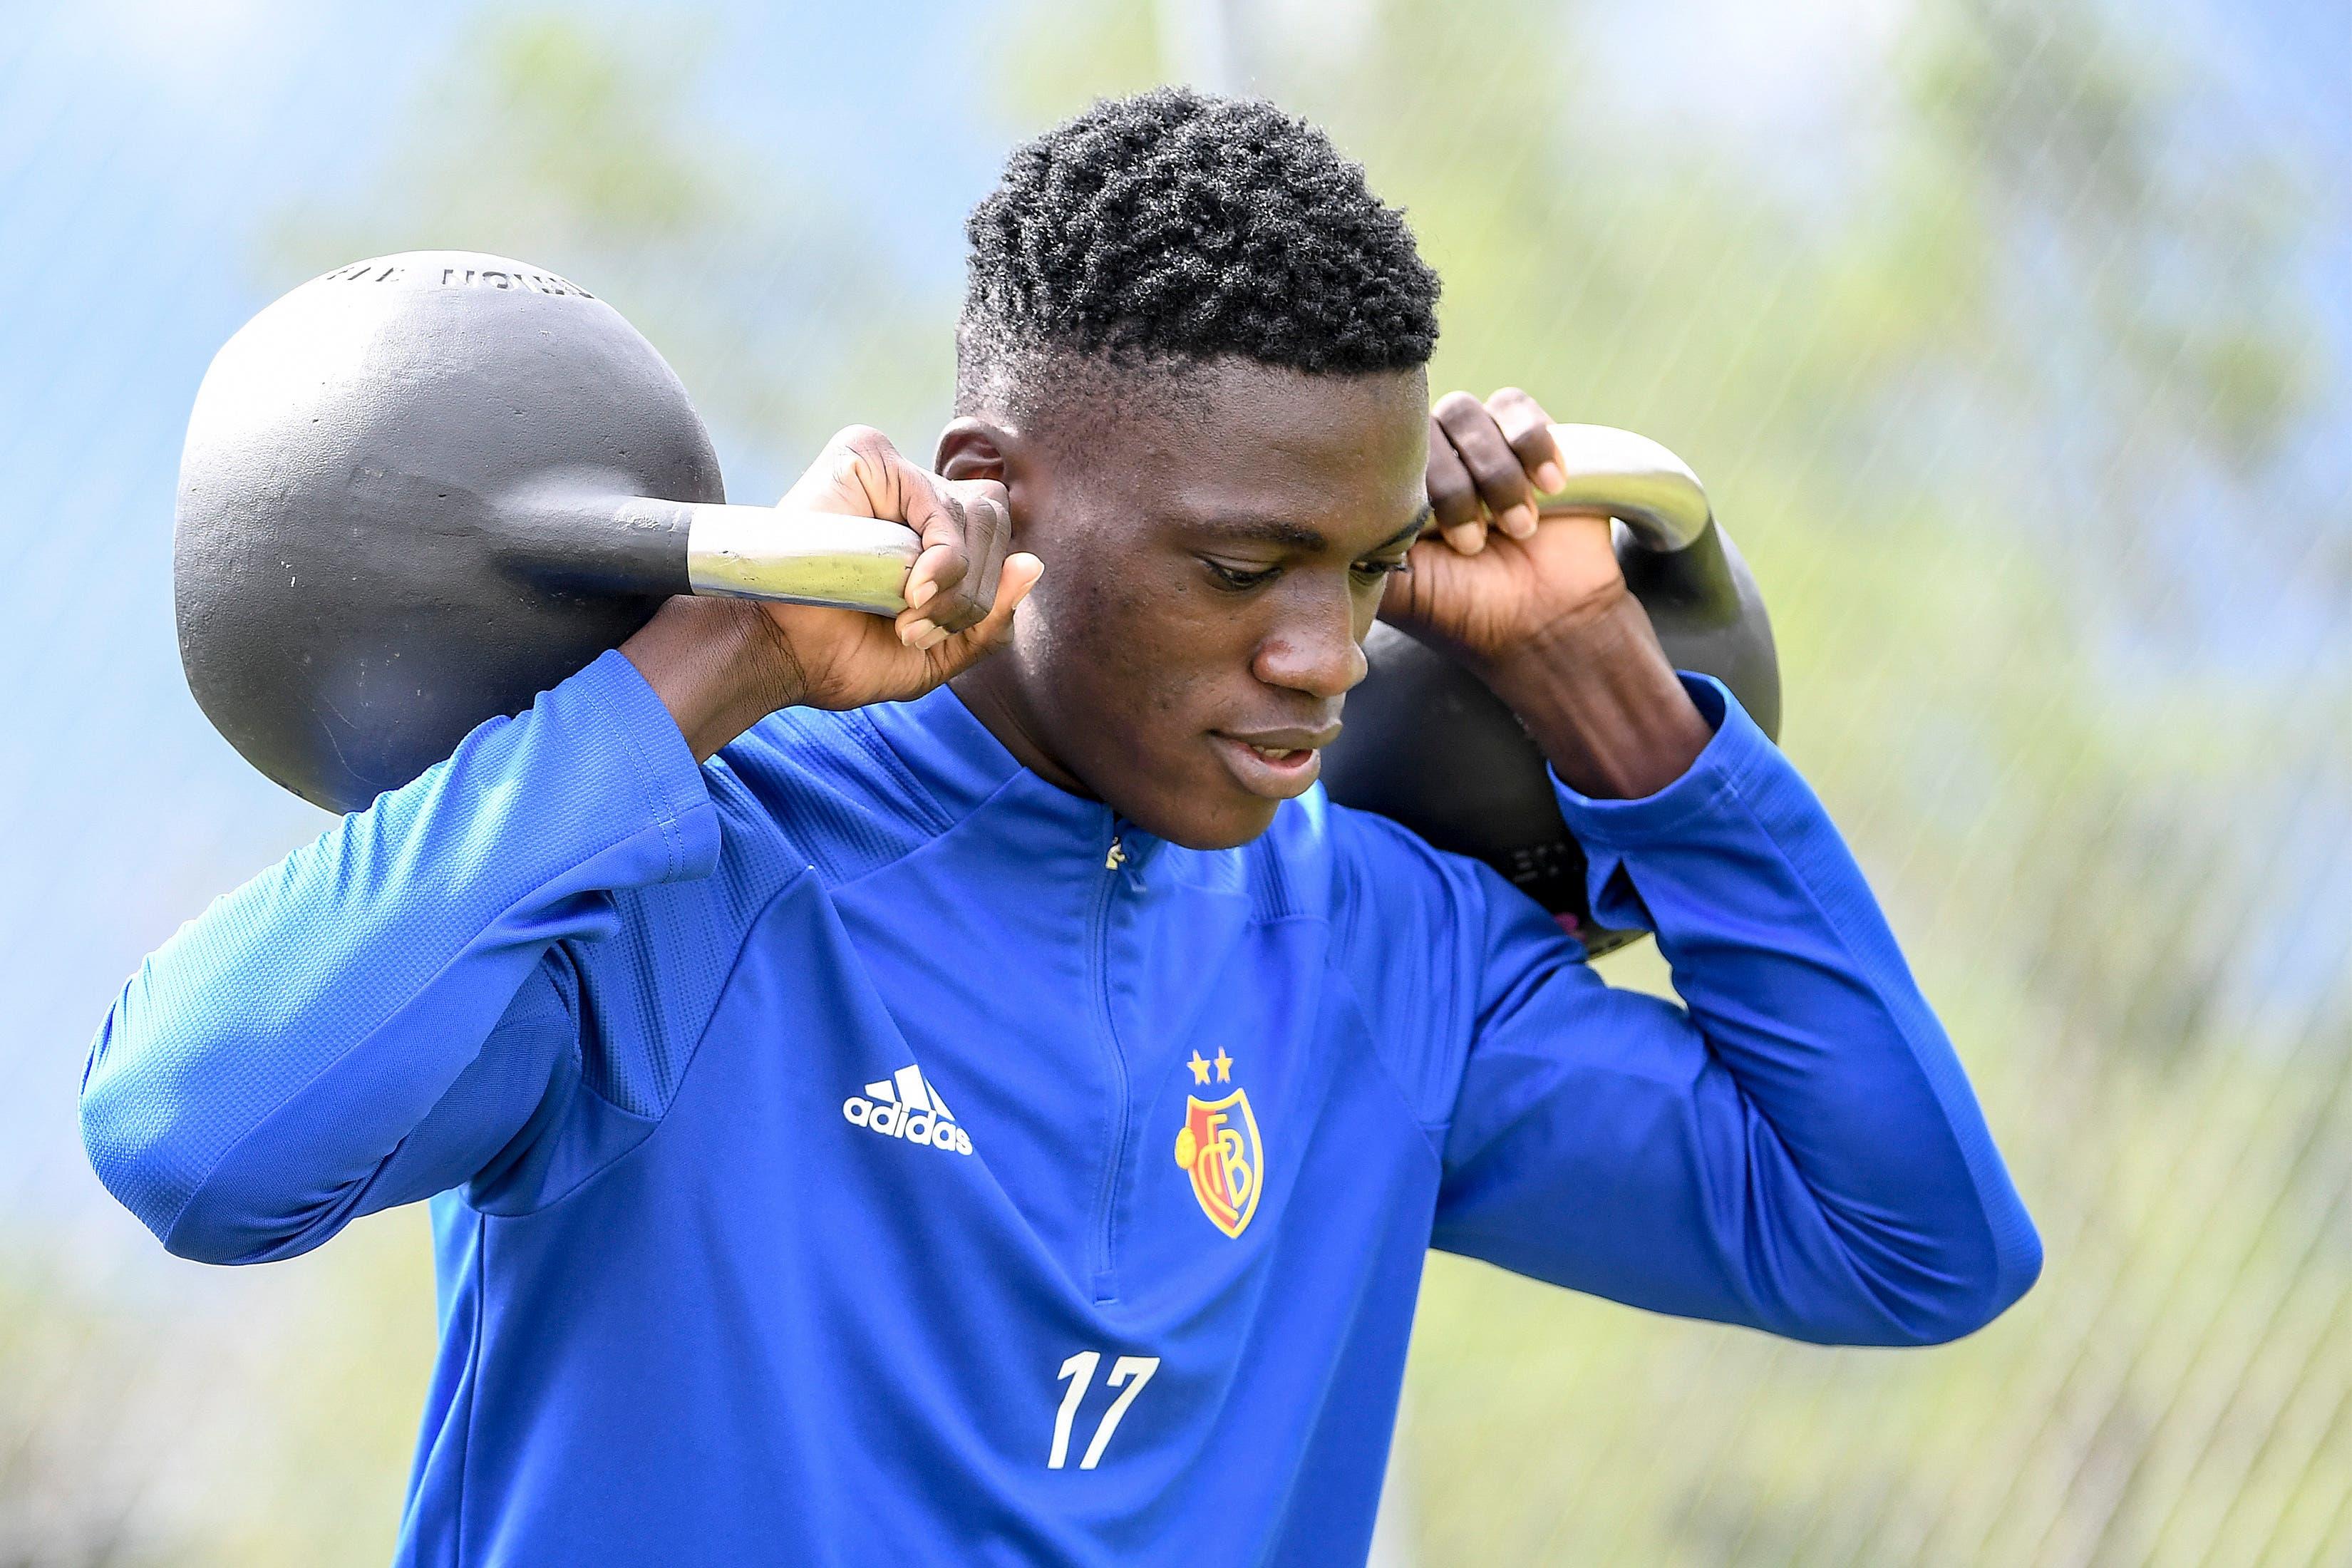 Für Neuzugang Nasser Djiga ist es das erste Trainingslager in Europa. Der 18-jährige kam aus Burkina Faso zum FCB.